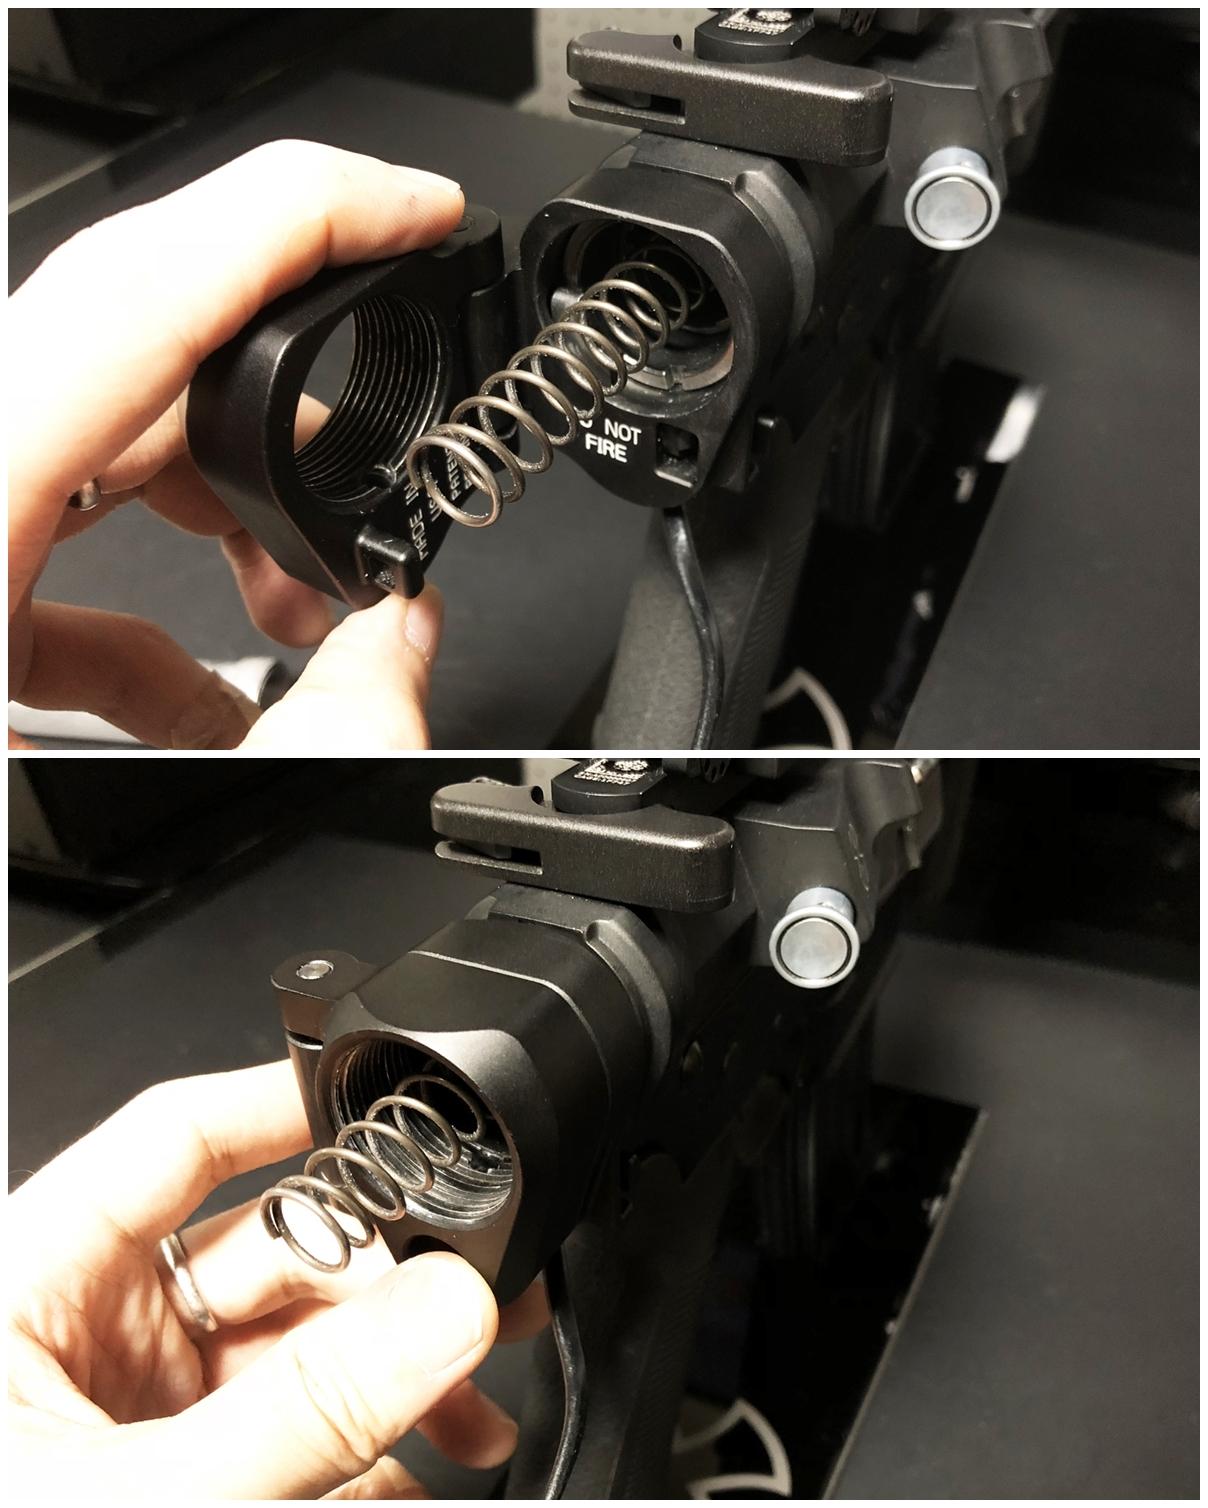 14 次世代 M4 CQB-R 電動ガン 実物 KAK SHOCKWAVE BLADE PISTOL AR-15 ストック 取付 改造 カスタム 大作戦 第7弾完結!! 最終 組み立て作業 & 初速 調整!! 実銃 ストックパイプ AR フォールディング 取付 リコイル